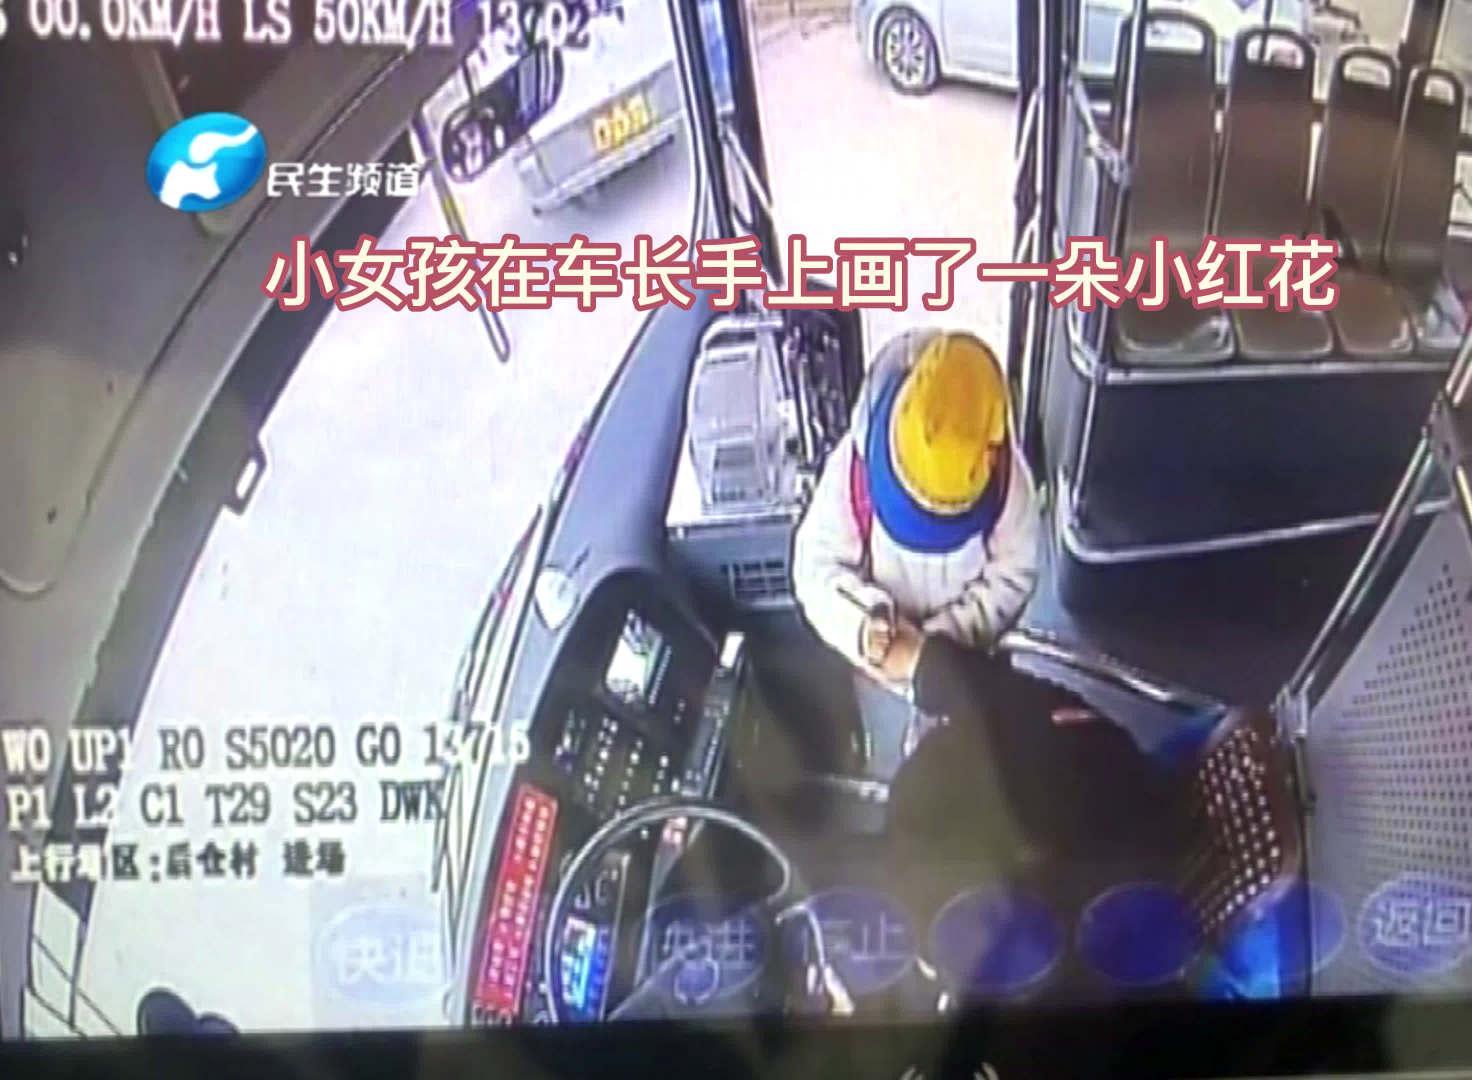 暖心!感谢公交车长出手帮助!小女孩画一朵小红花送给车长